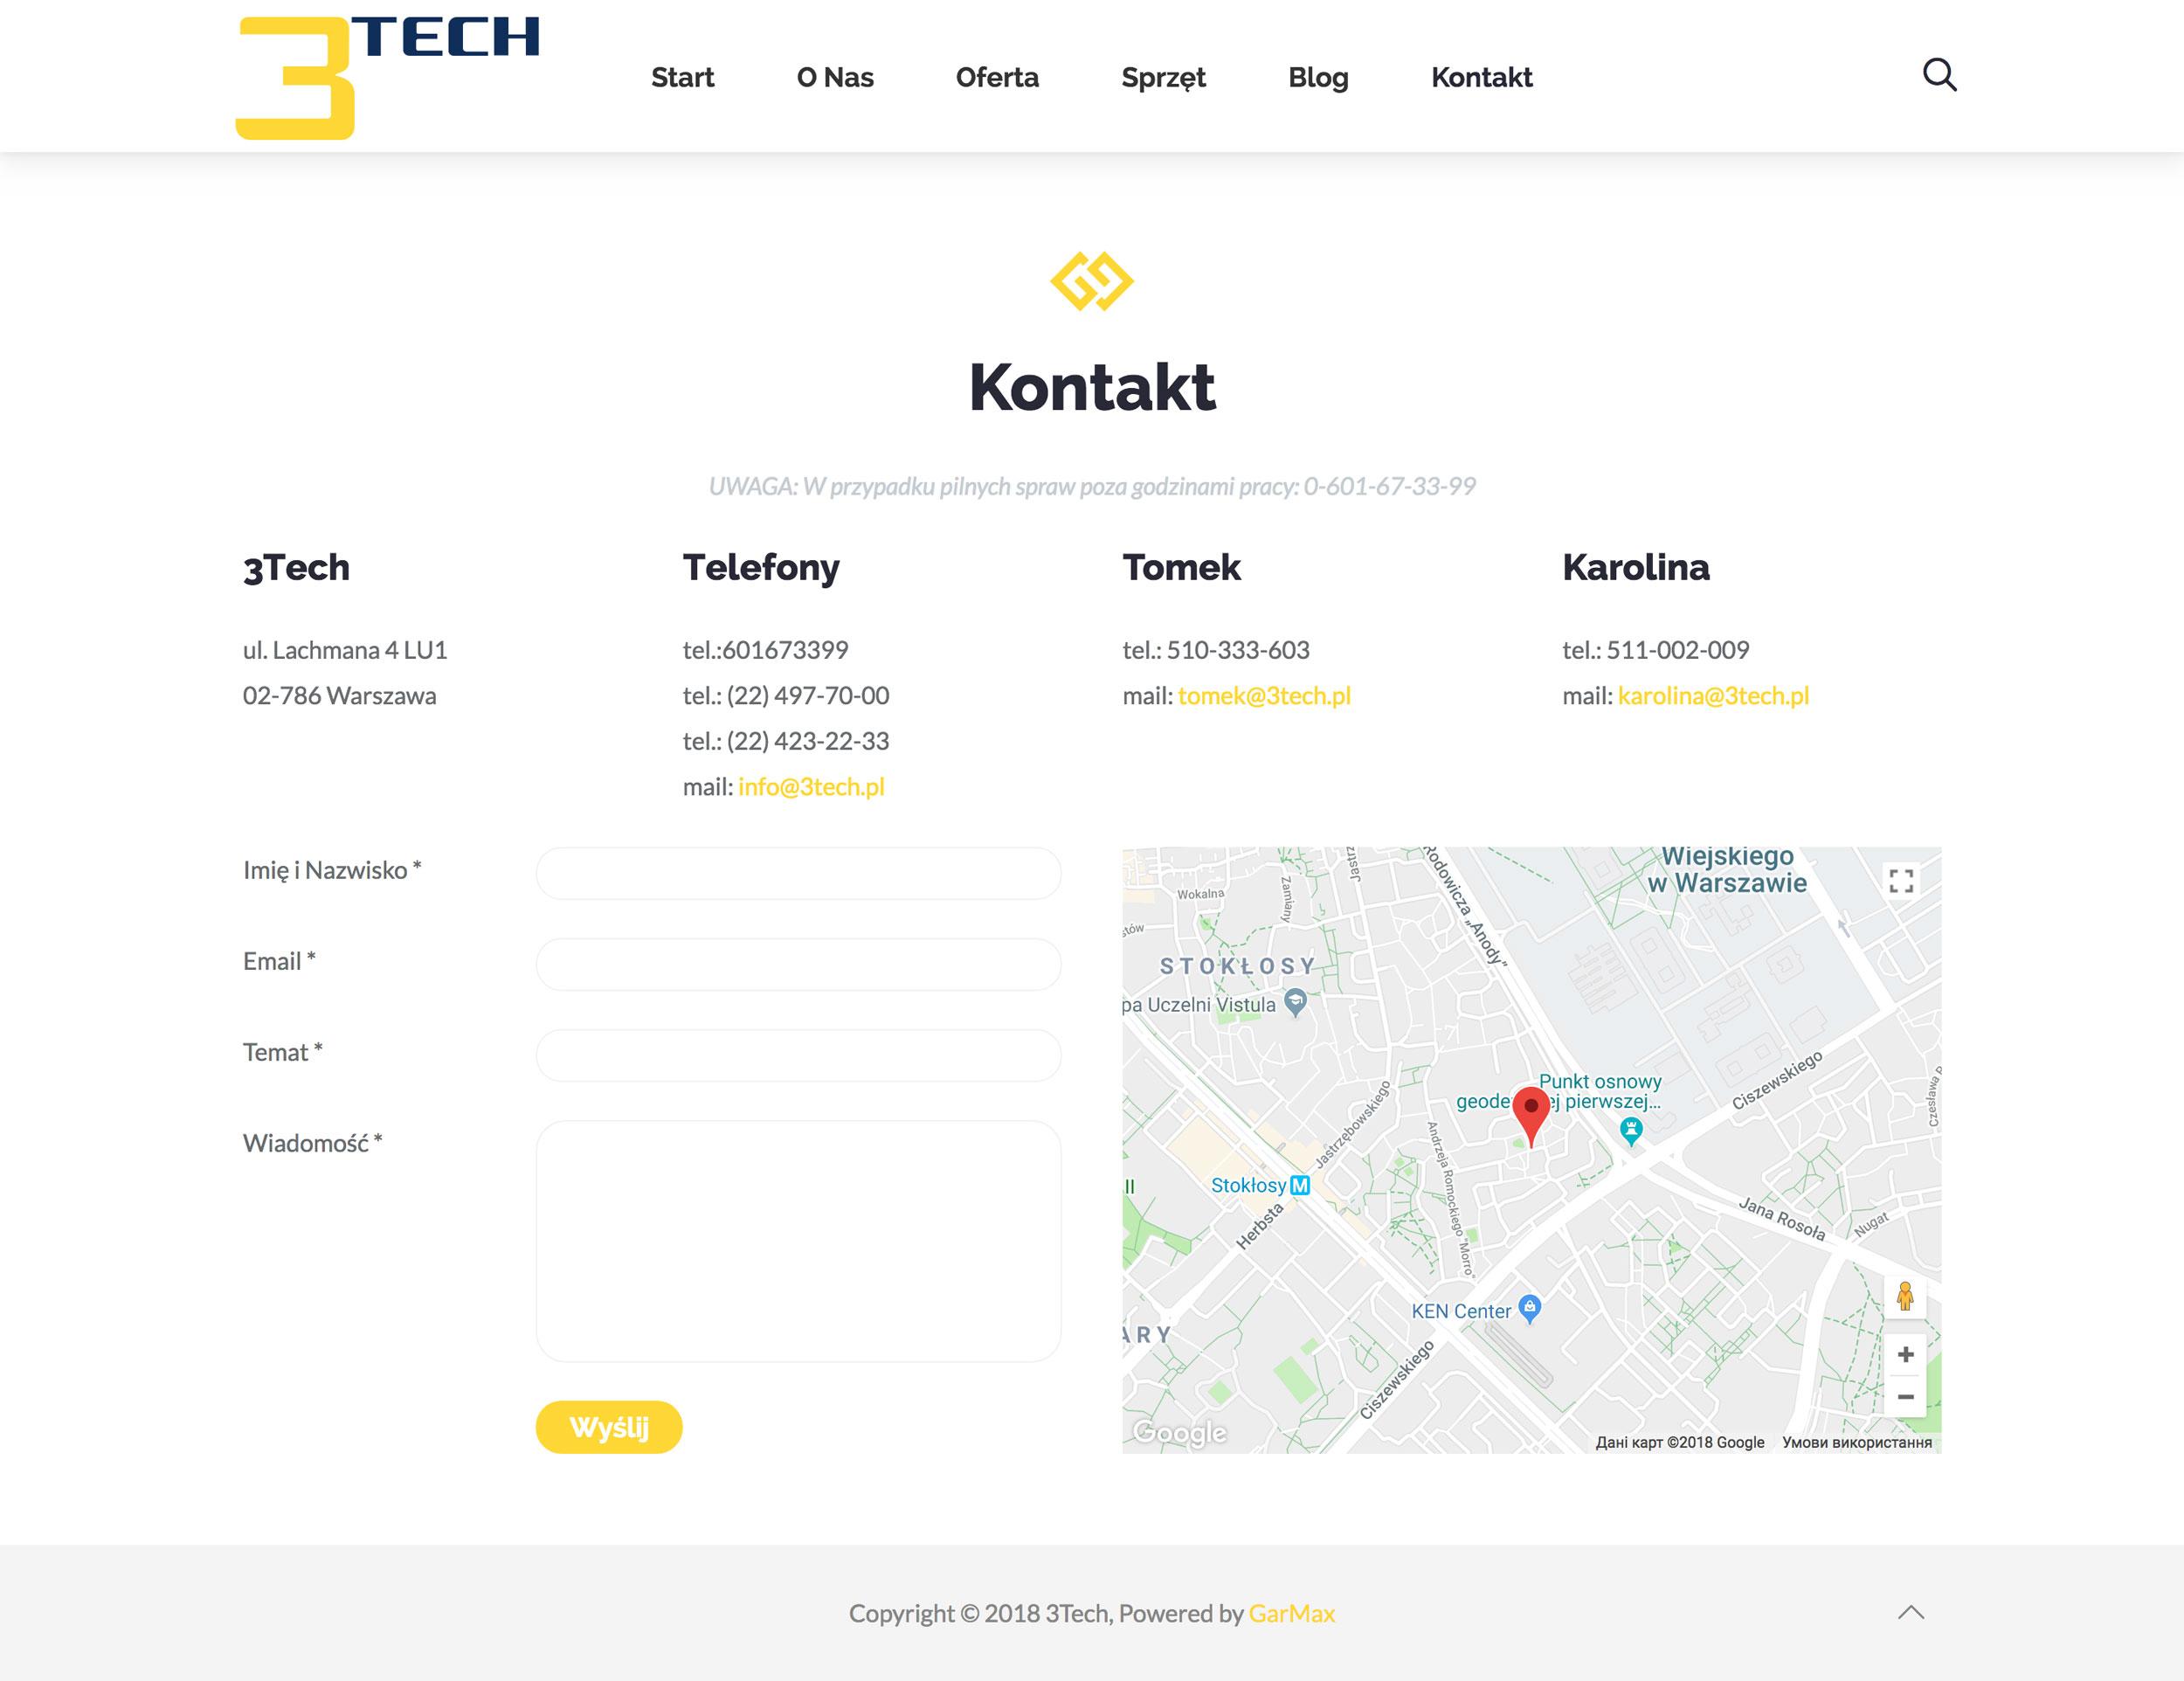 3Tech - Kontakt